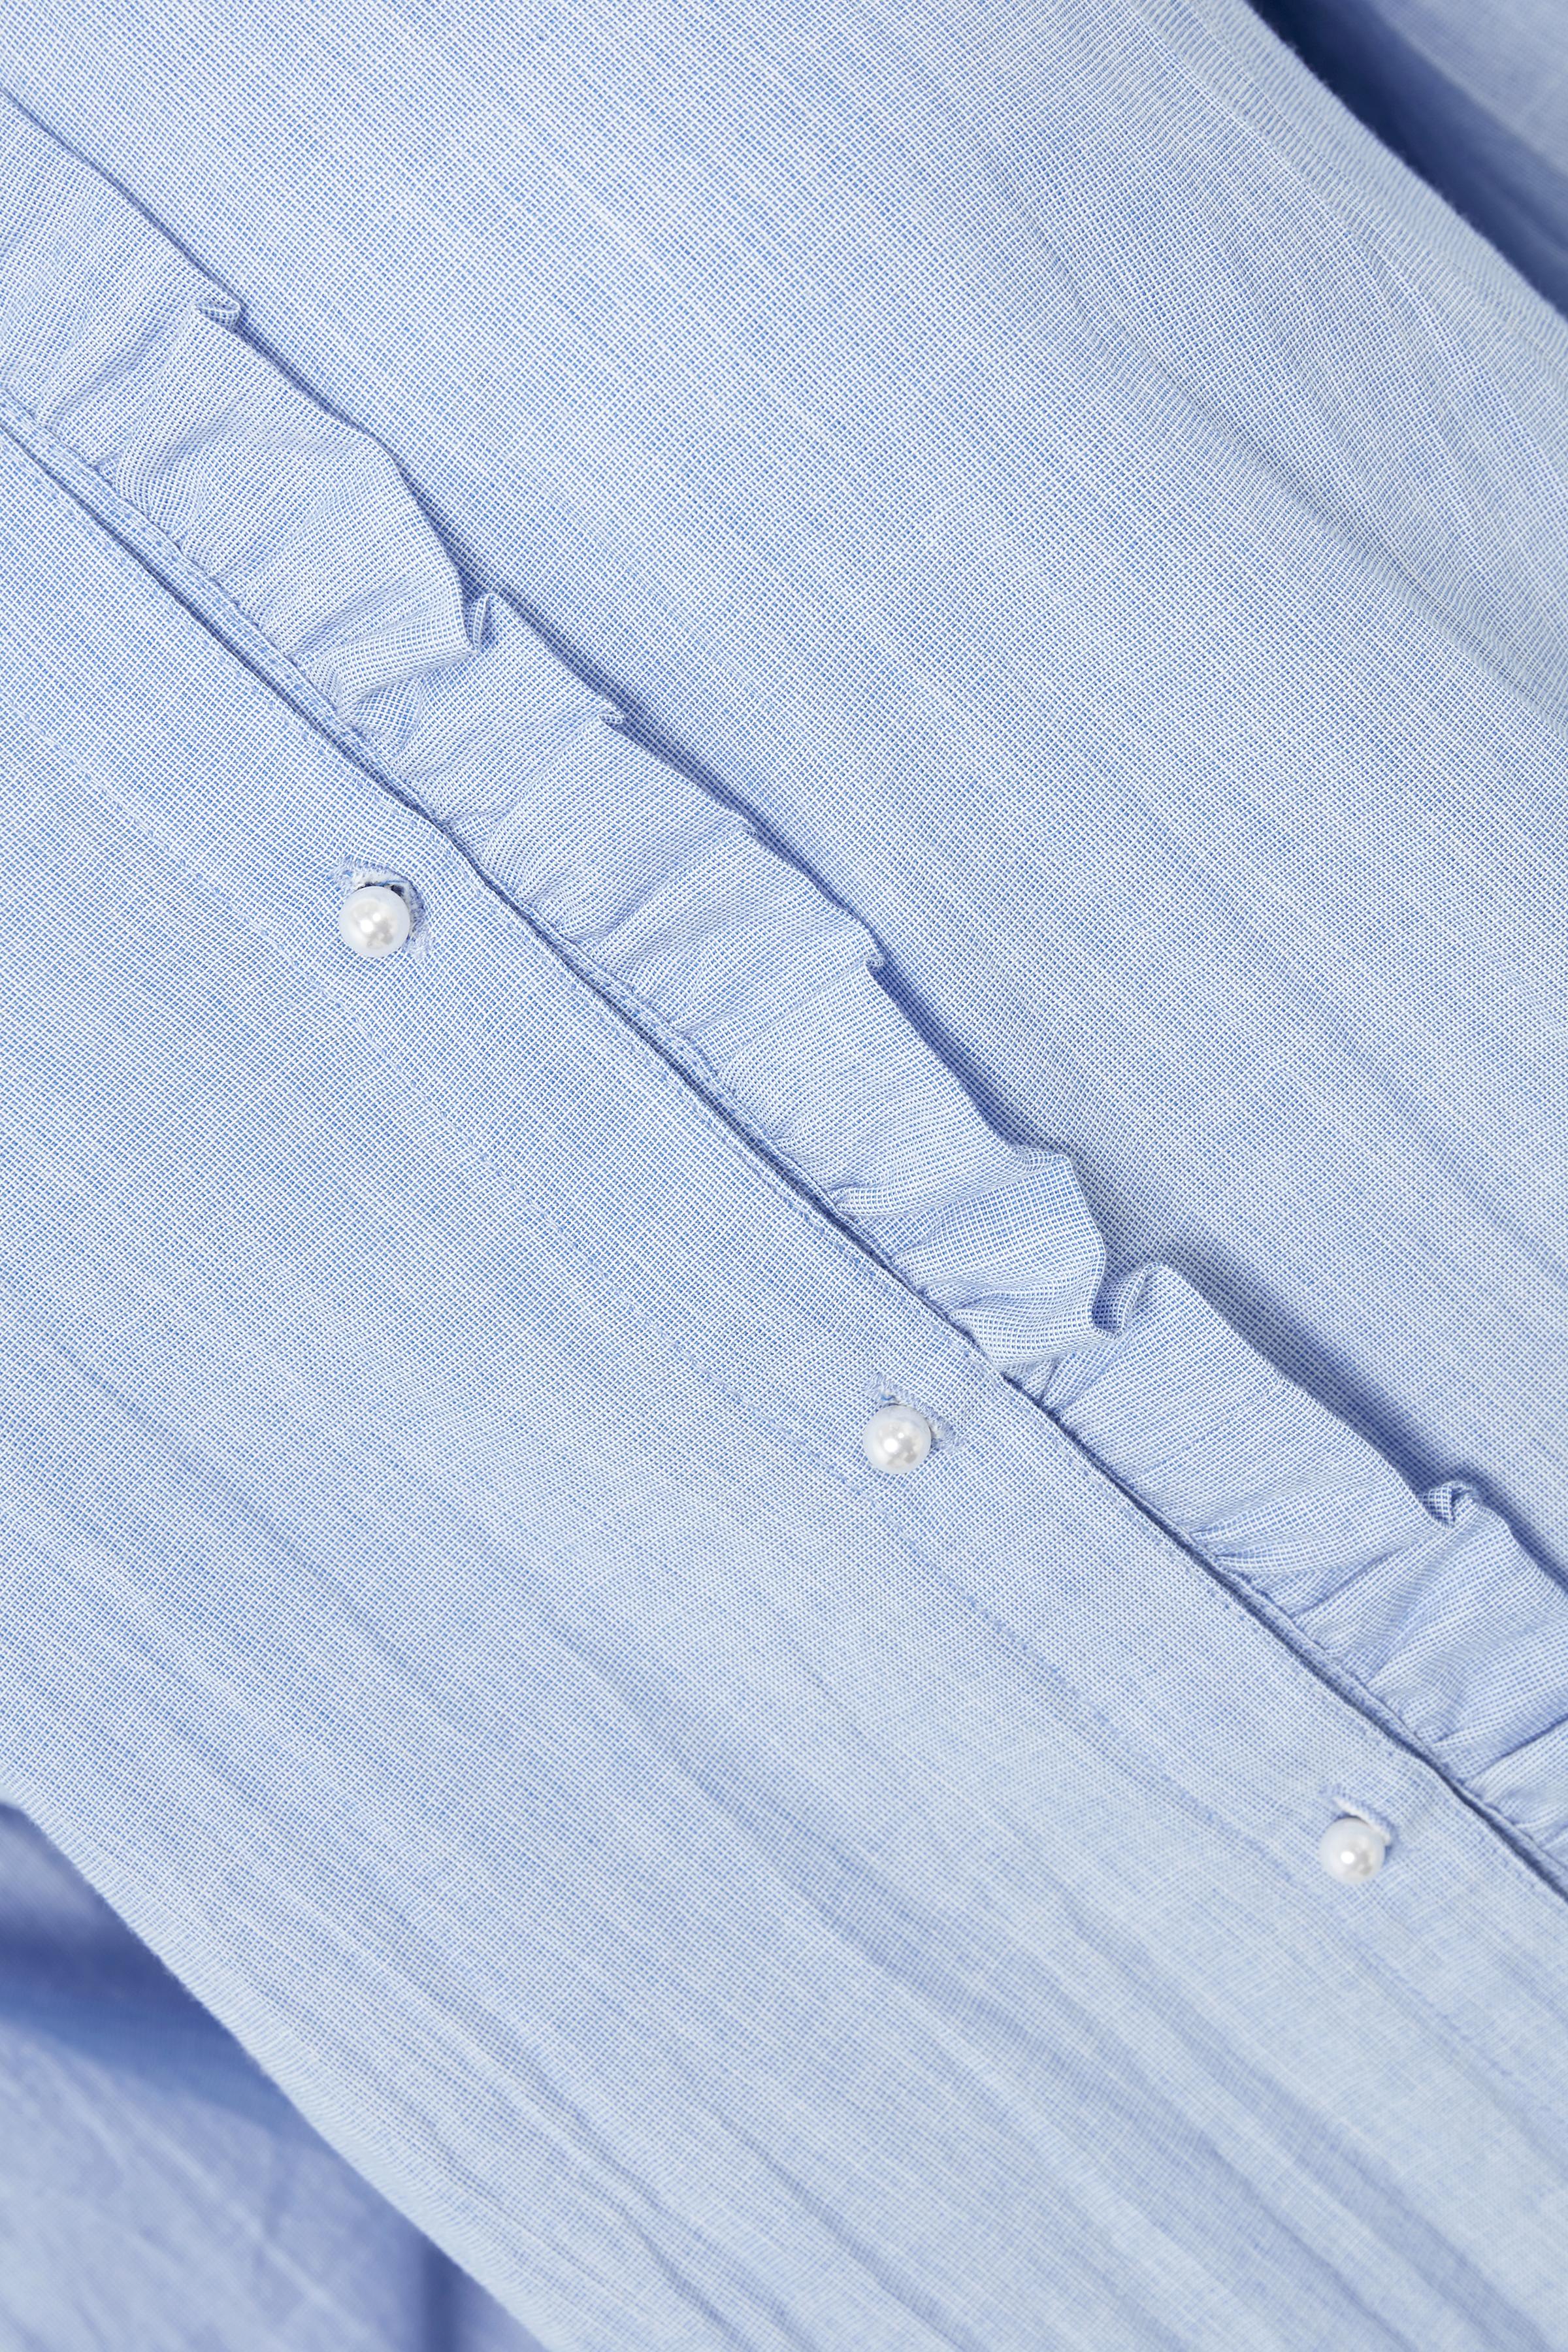 Lichtblauw Blouse lange mouw van Kaffe – Door Lichtblauw Blouse lange mouw van maat. 34-46 hier